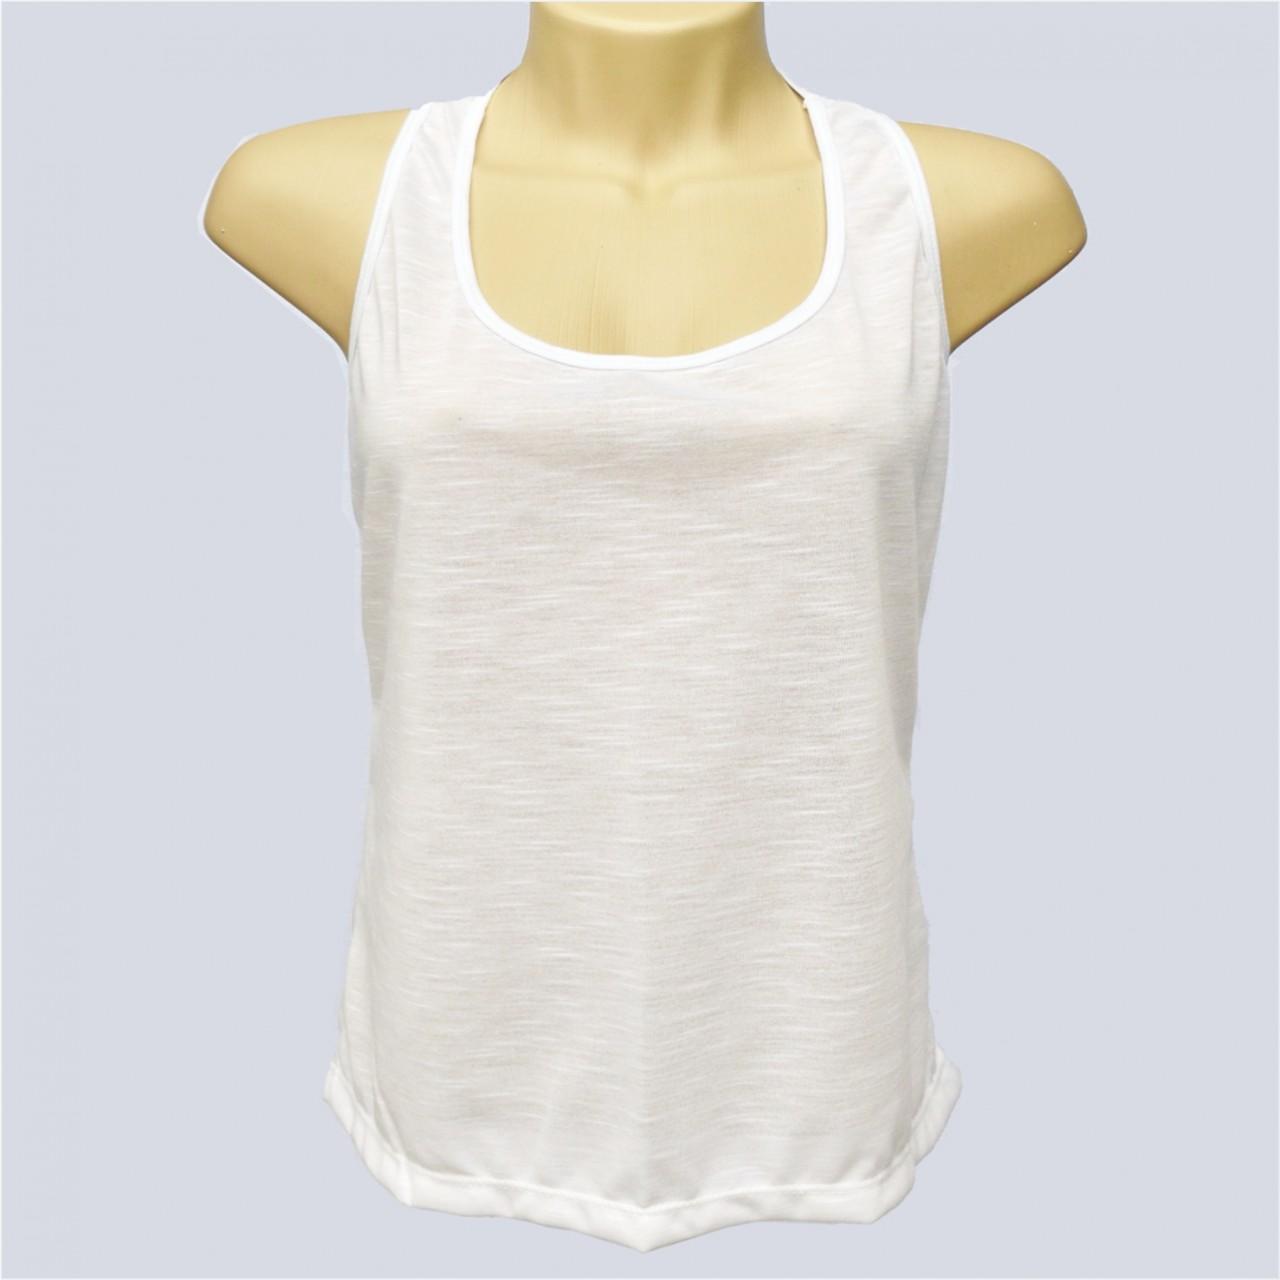 7fd16bc5d 1 Camiseta Branca Feminina Regata Nadador Sublimação - Sublimaticos